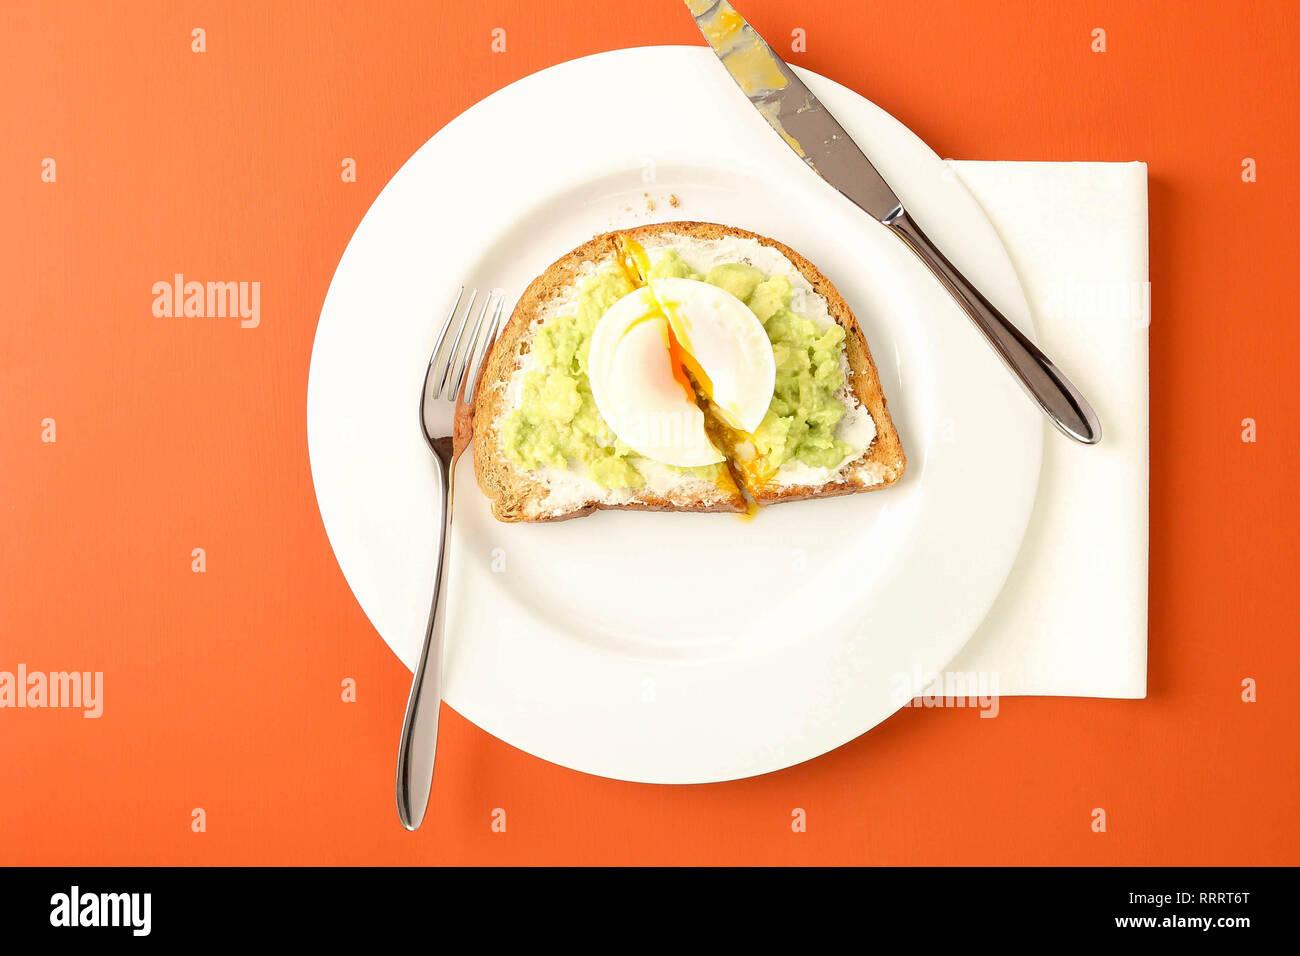 L'avocat de manger sur des toasts avec des oeufs pochés dans un café. Table de couleurs corail vivant. Photo Stock